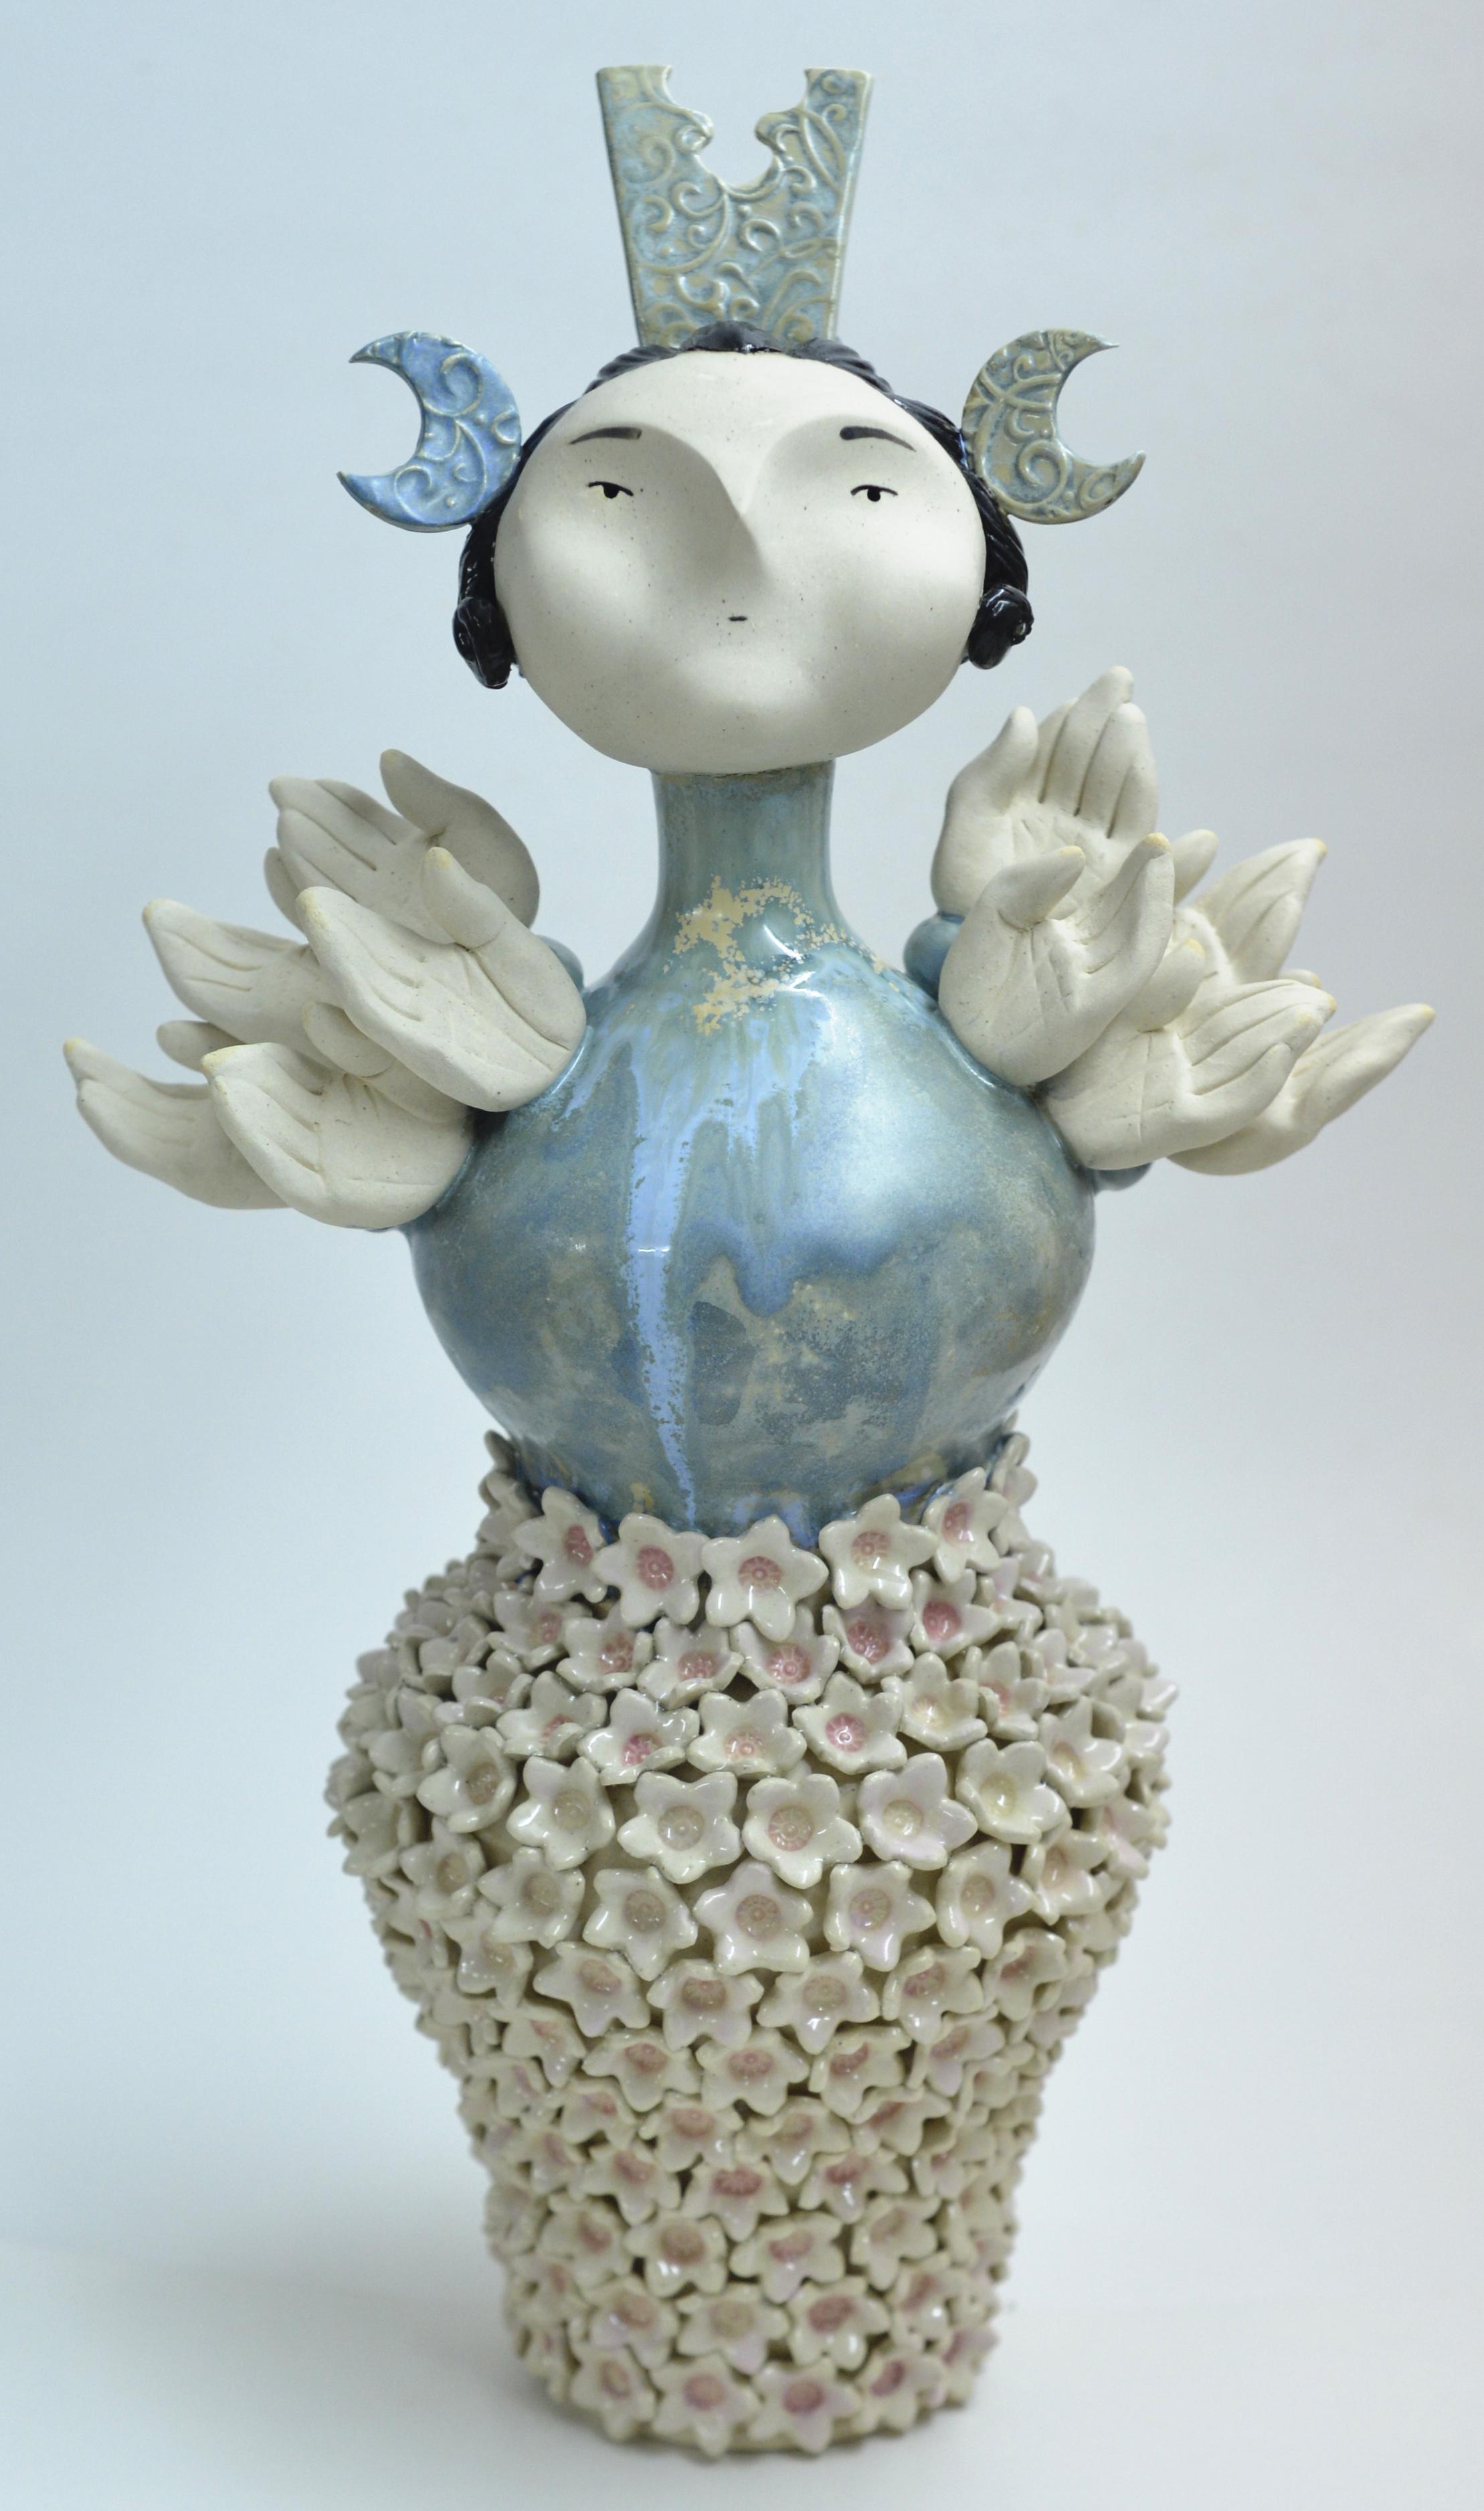 Fatima Morrissey, Isha, 2018, ceramic, 4